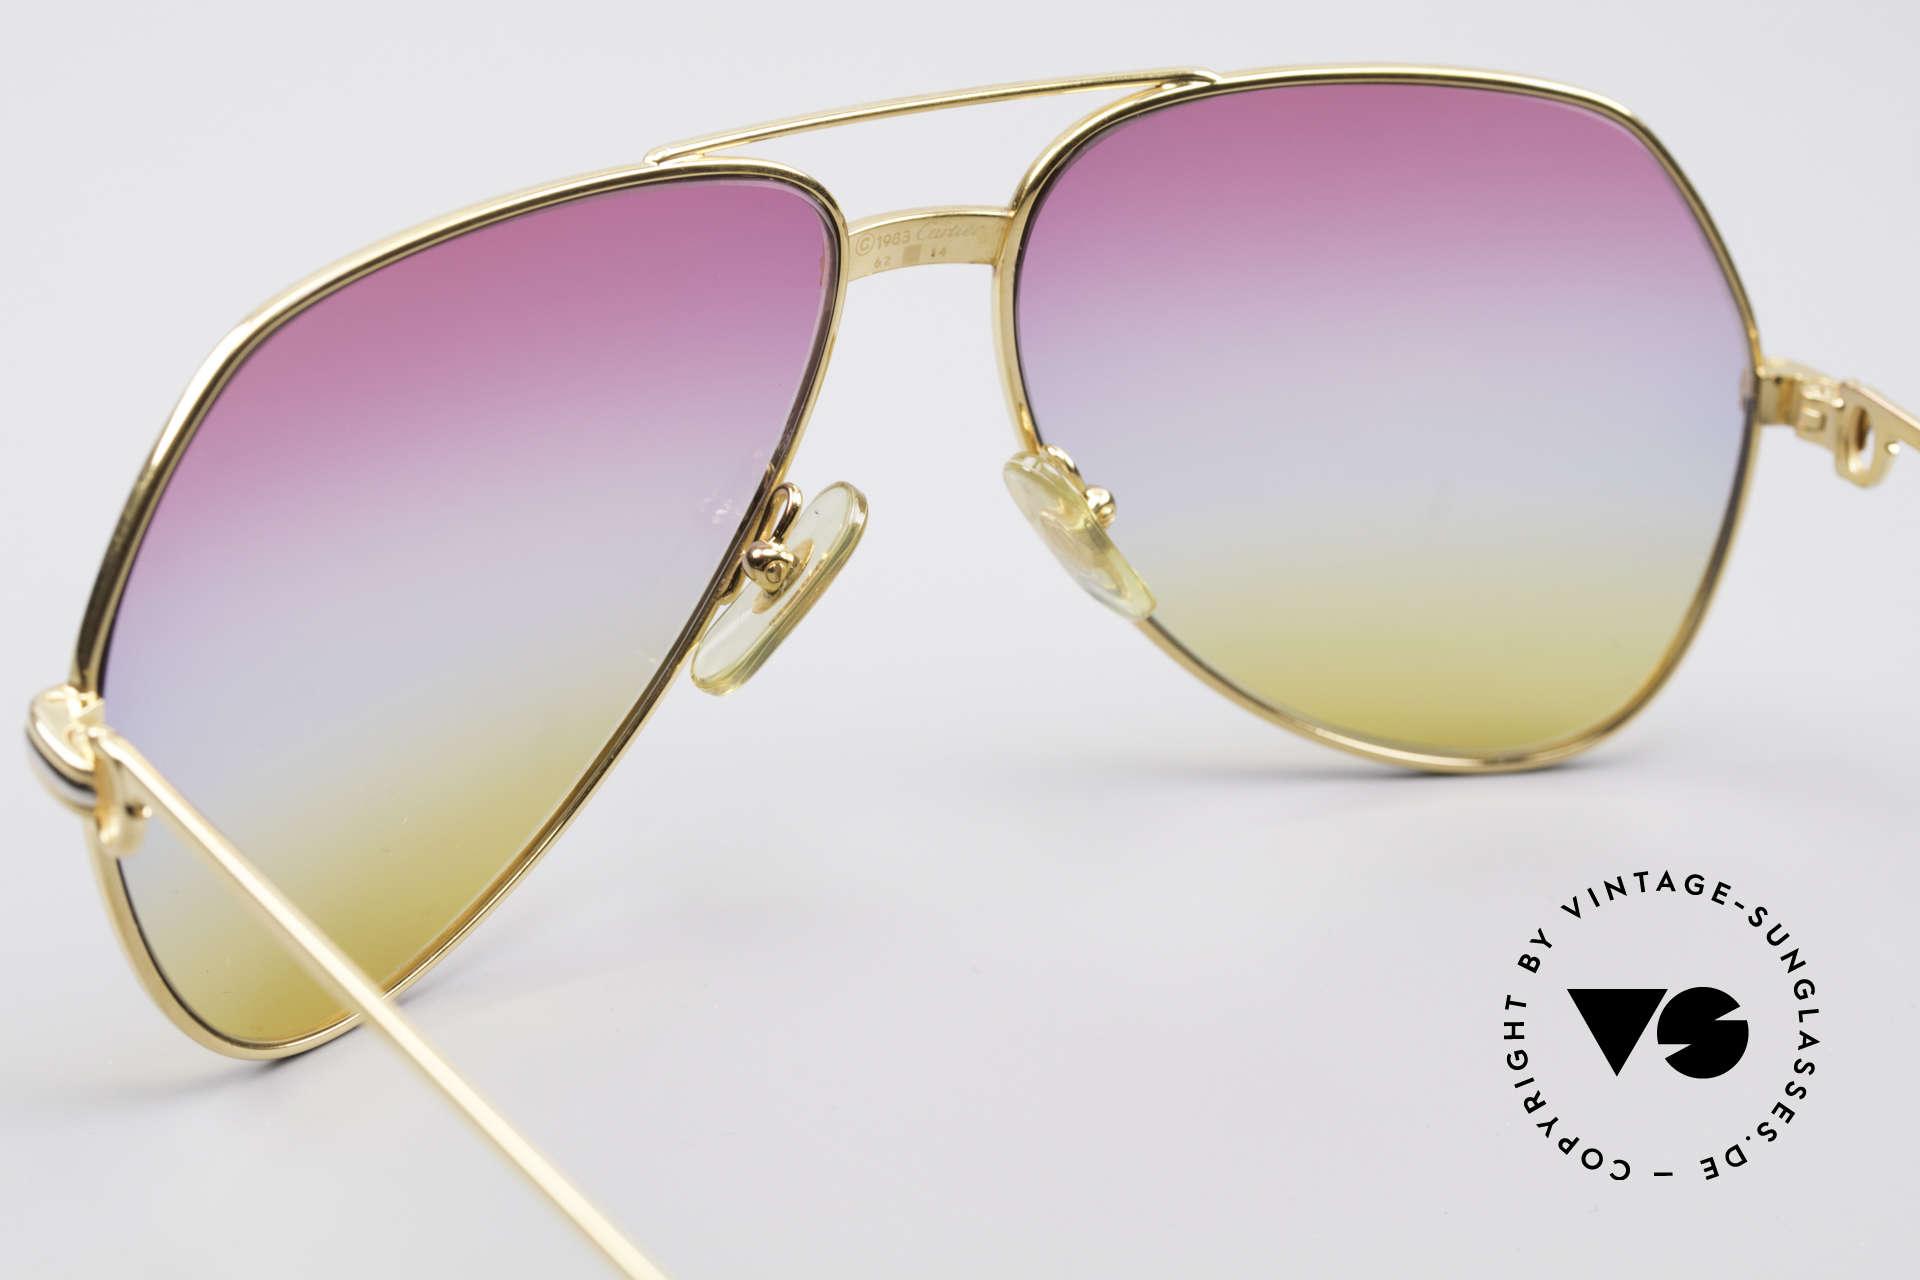 Cartier Vendome LC - L Rare Luxus Vintage Brille, ultra rare, neue 'TRICOLOR customized' Verlaufsgläser, Passend für Herren und Damen